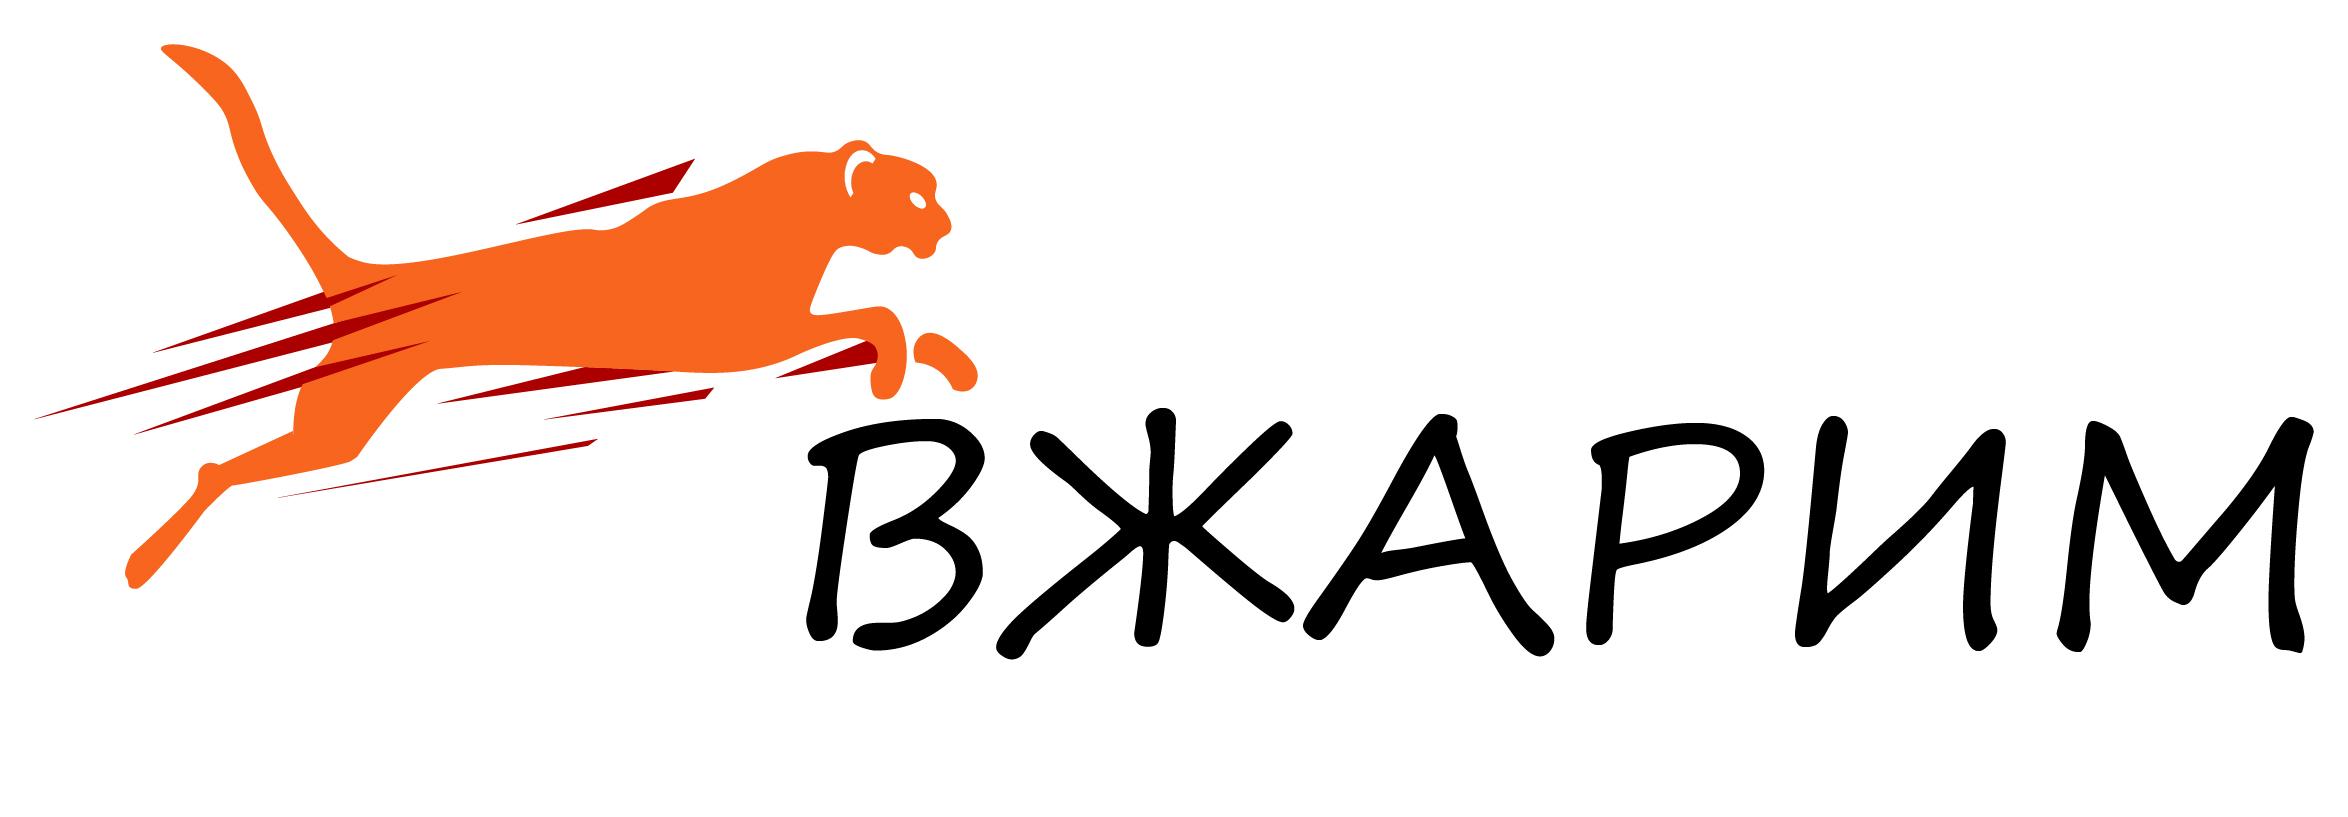 Требуется, разработка логотипа для крафт-кафе «ВЖАРИМ». фото f_7036011641d0266c.jpg